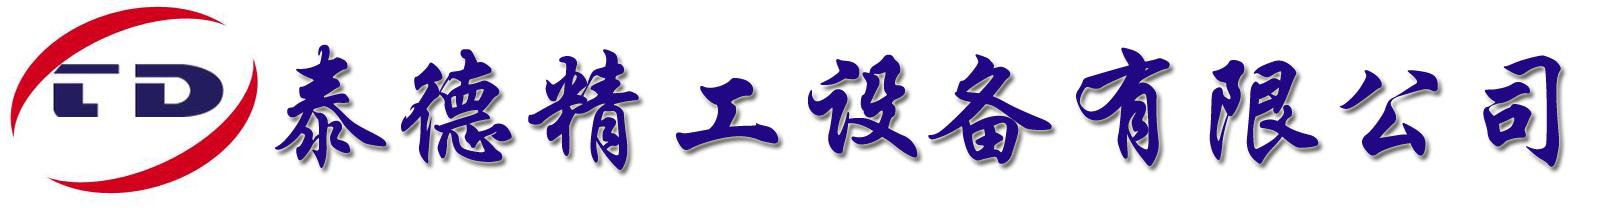 深圳市泰德精工设备有限公司